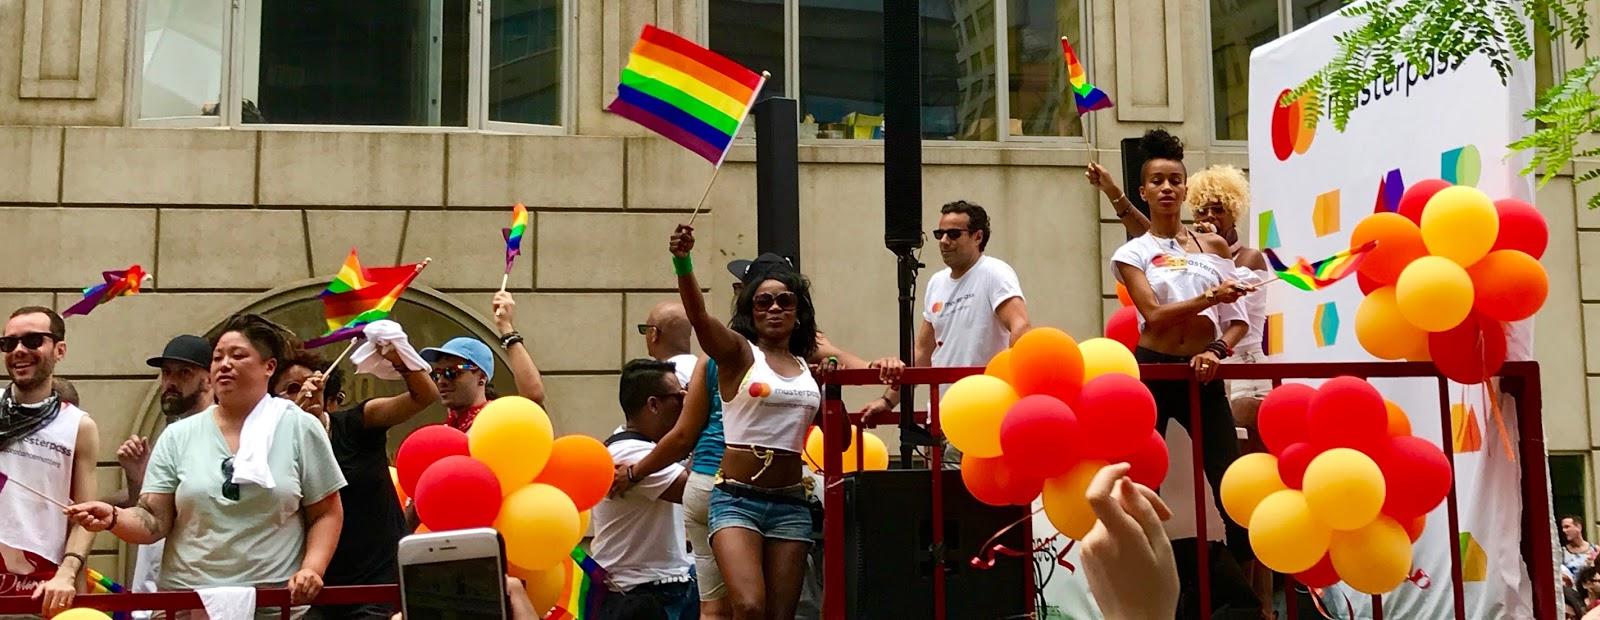 New York City gay orgie rencontre rýchlosť datovania pekné